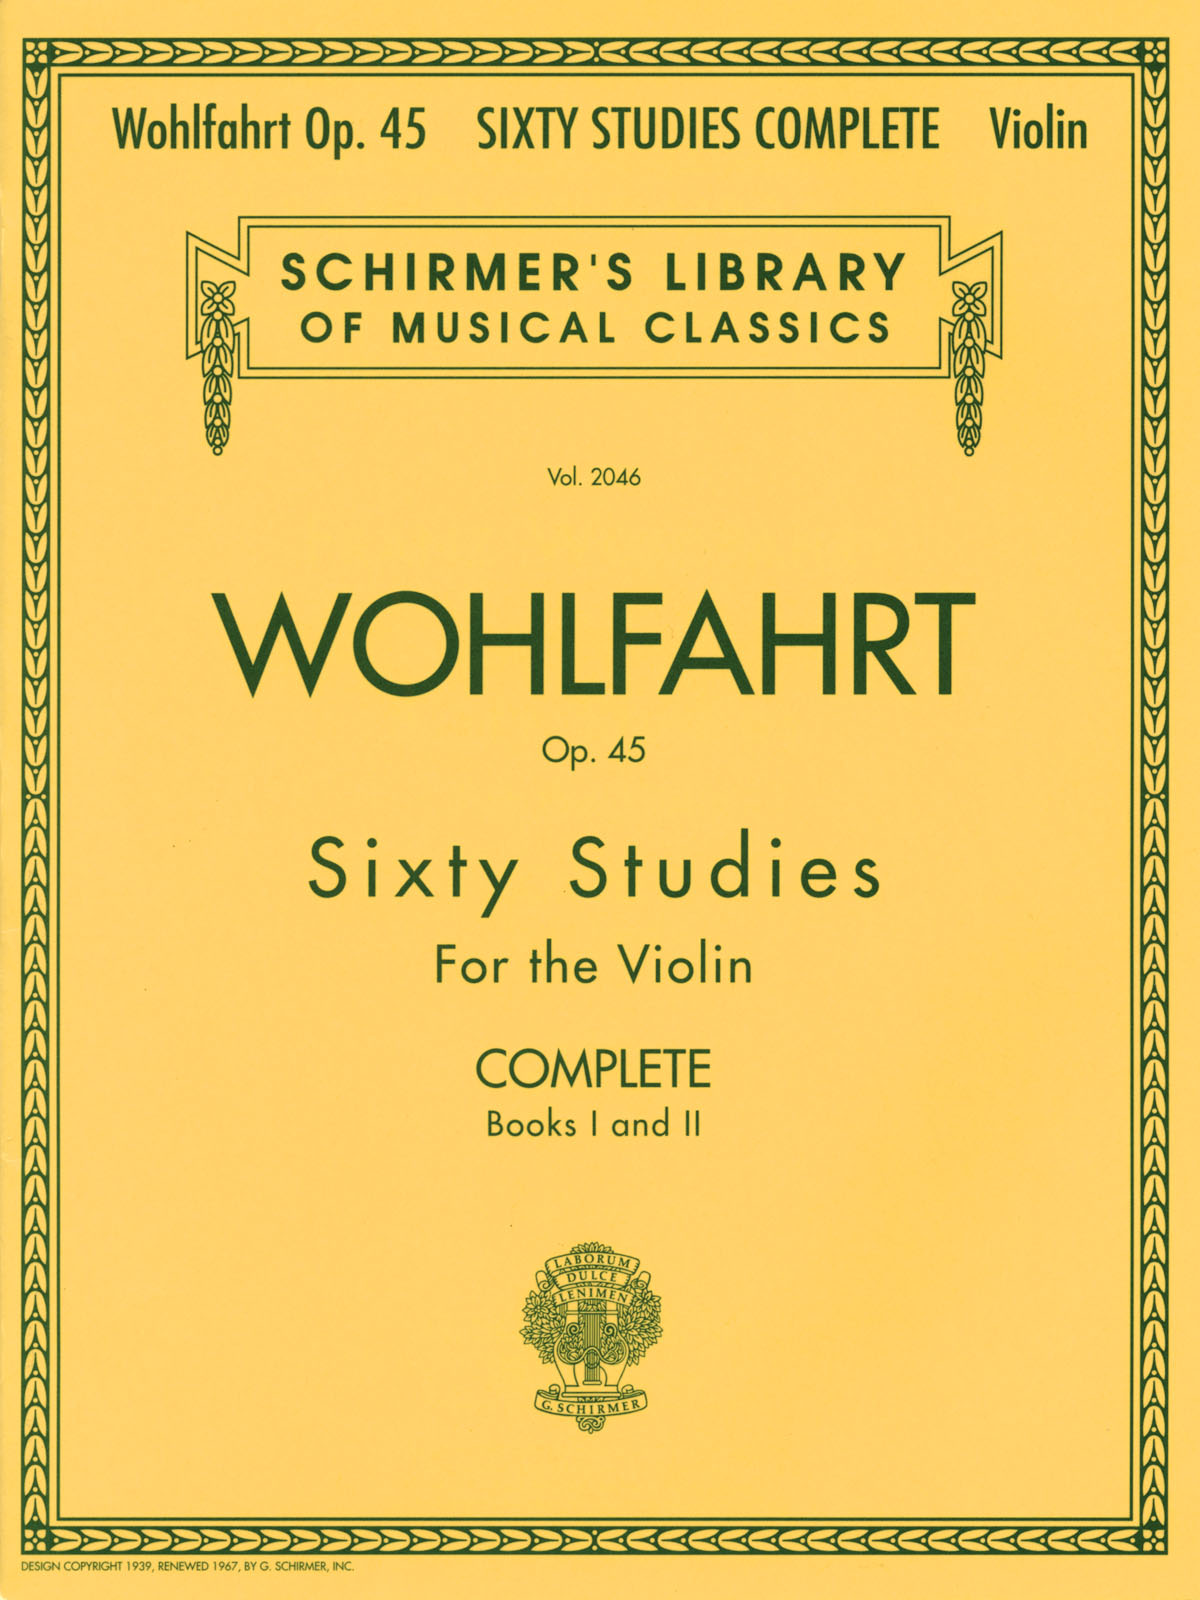 Franz Wohlfahrt: Franz Wohlfahrt - 60 Studies  Op. 45 Complete: Violin: Study